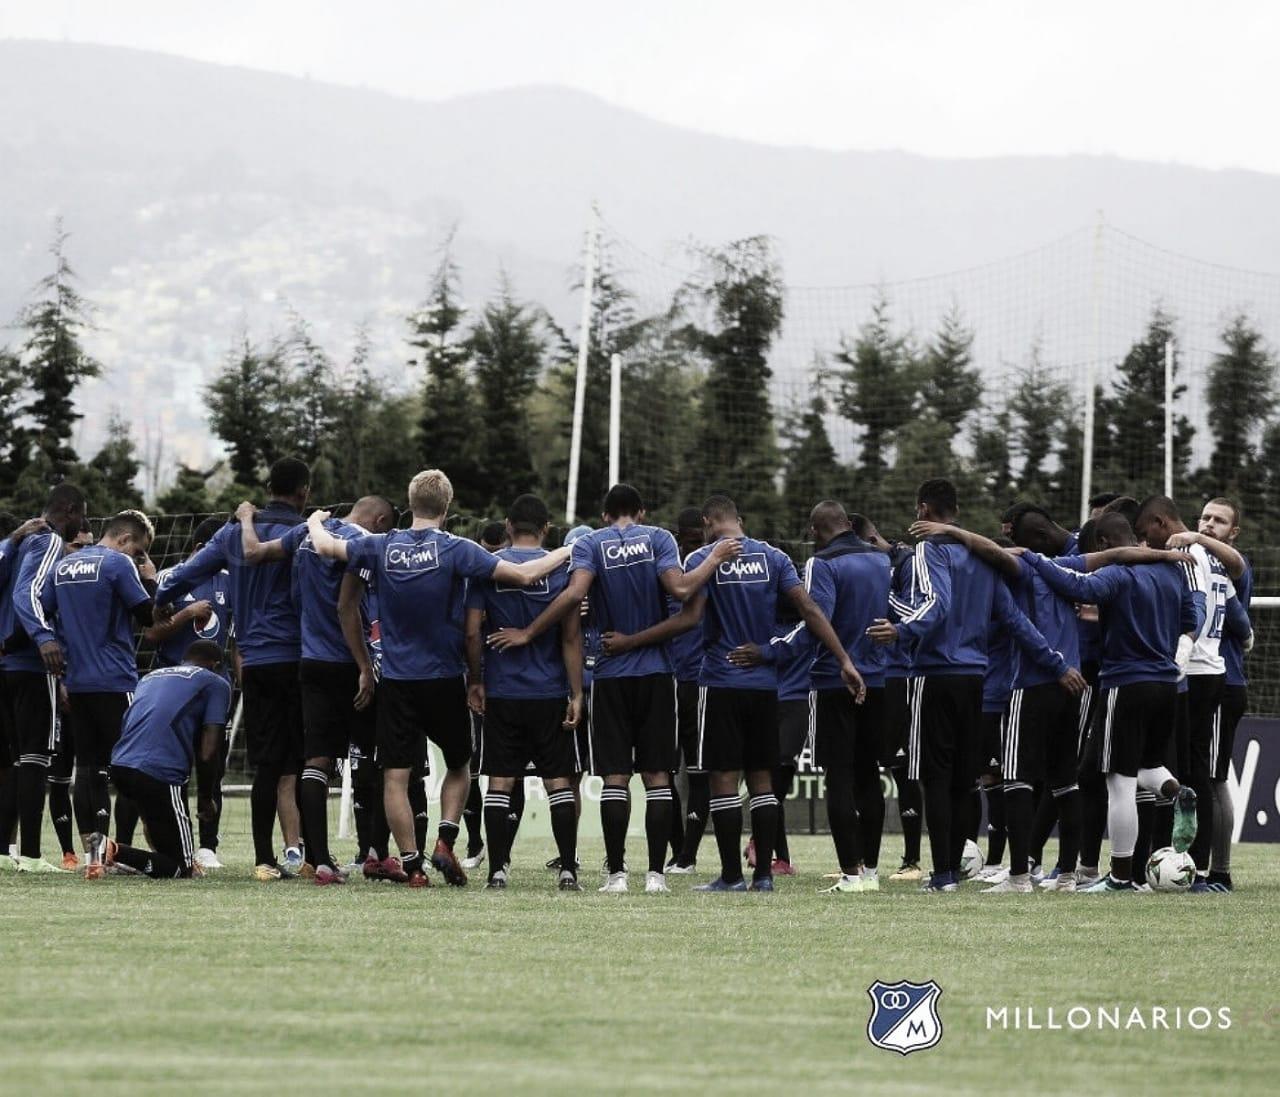 Convocados de Millonarios para enfrentar al Atlético Huila